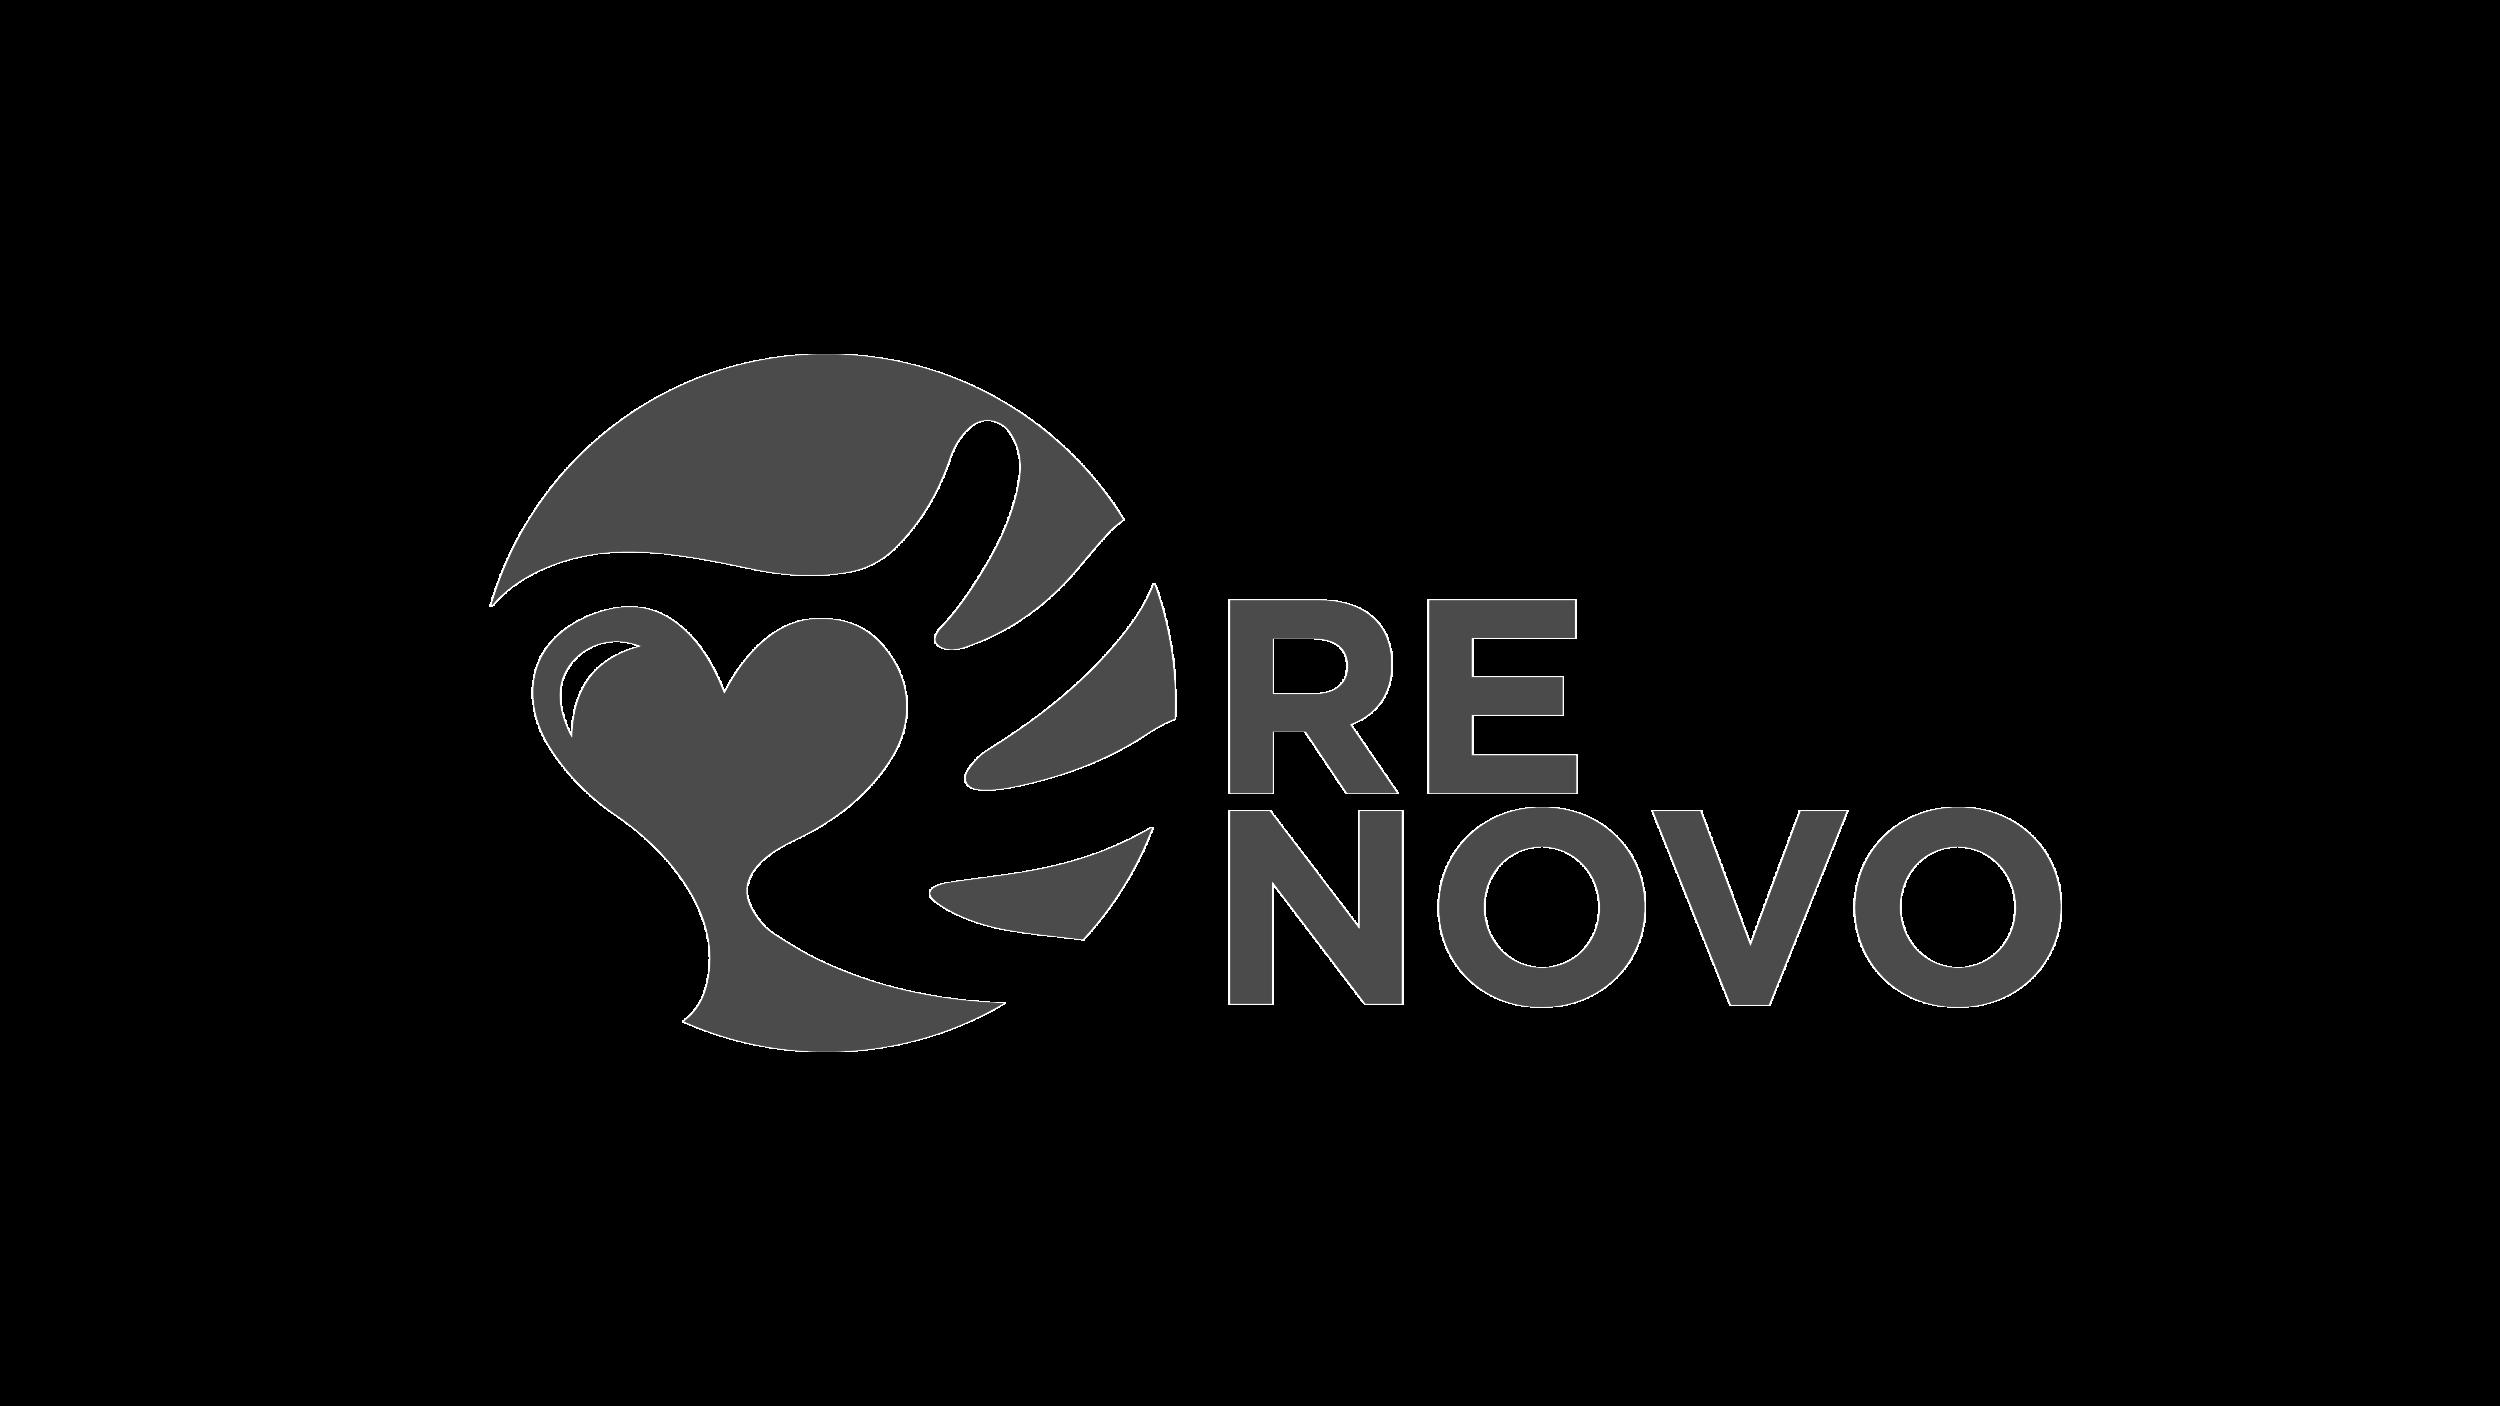 Renovo_Marca-03.png